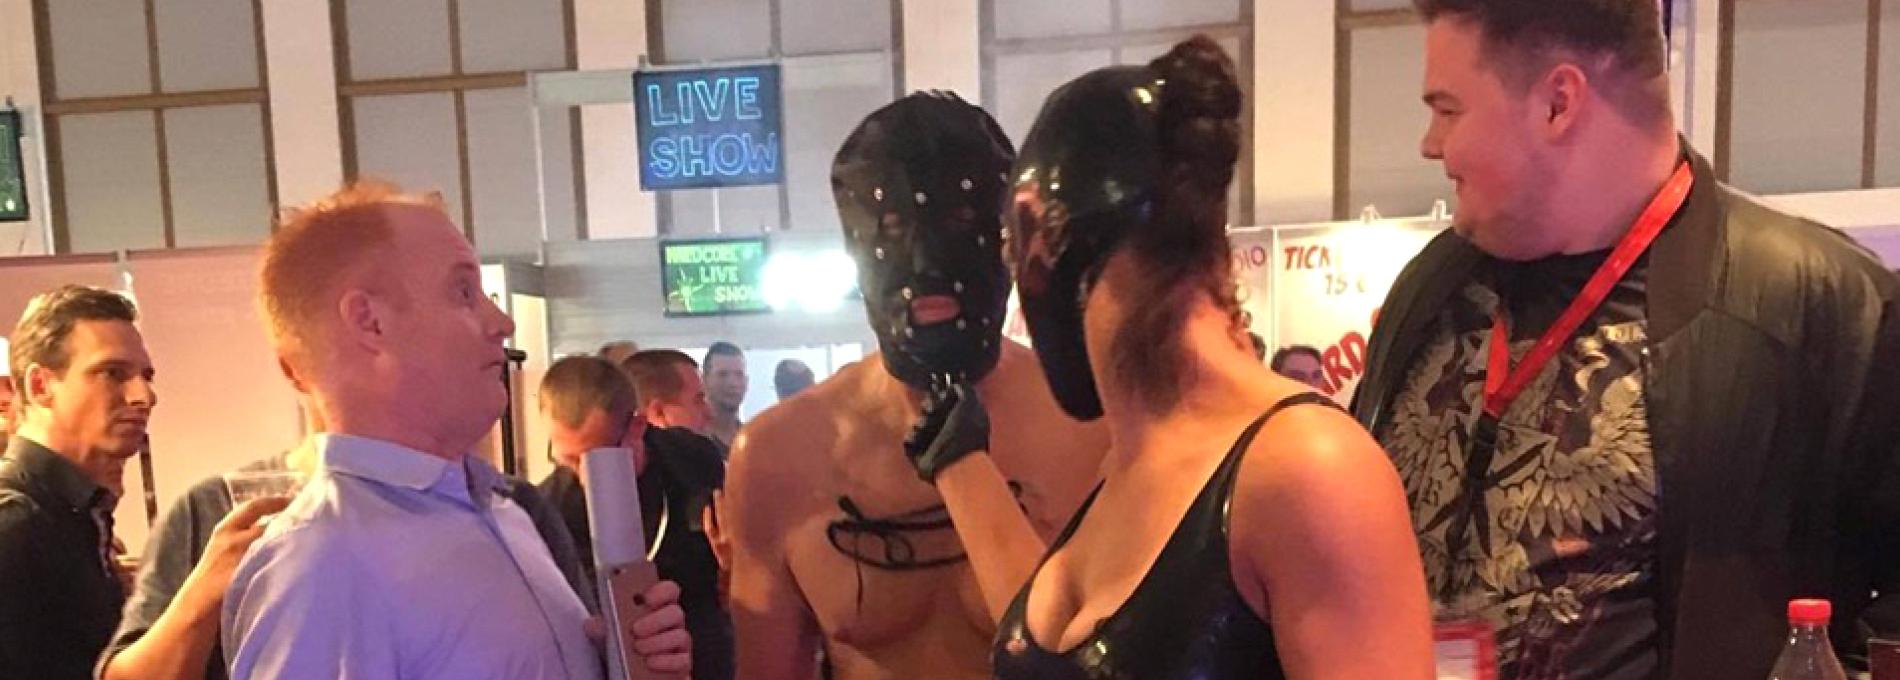 Um rolê pela mais explícita feira erótica europeia